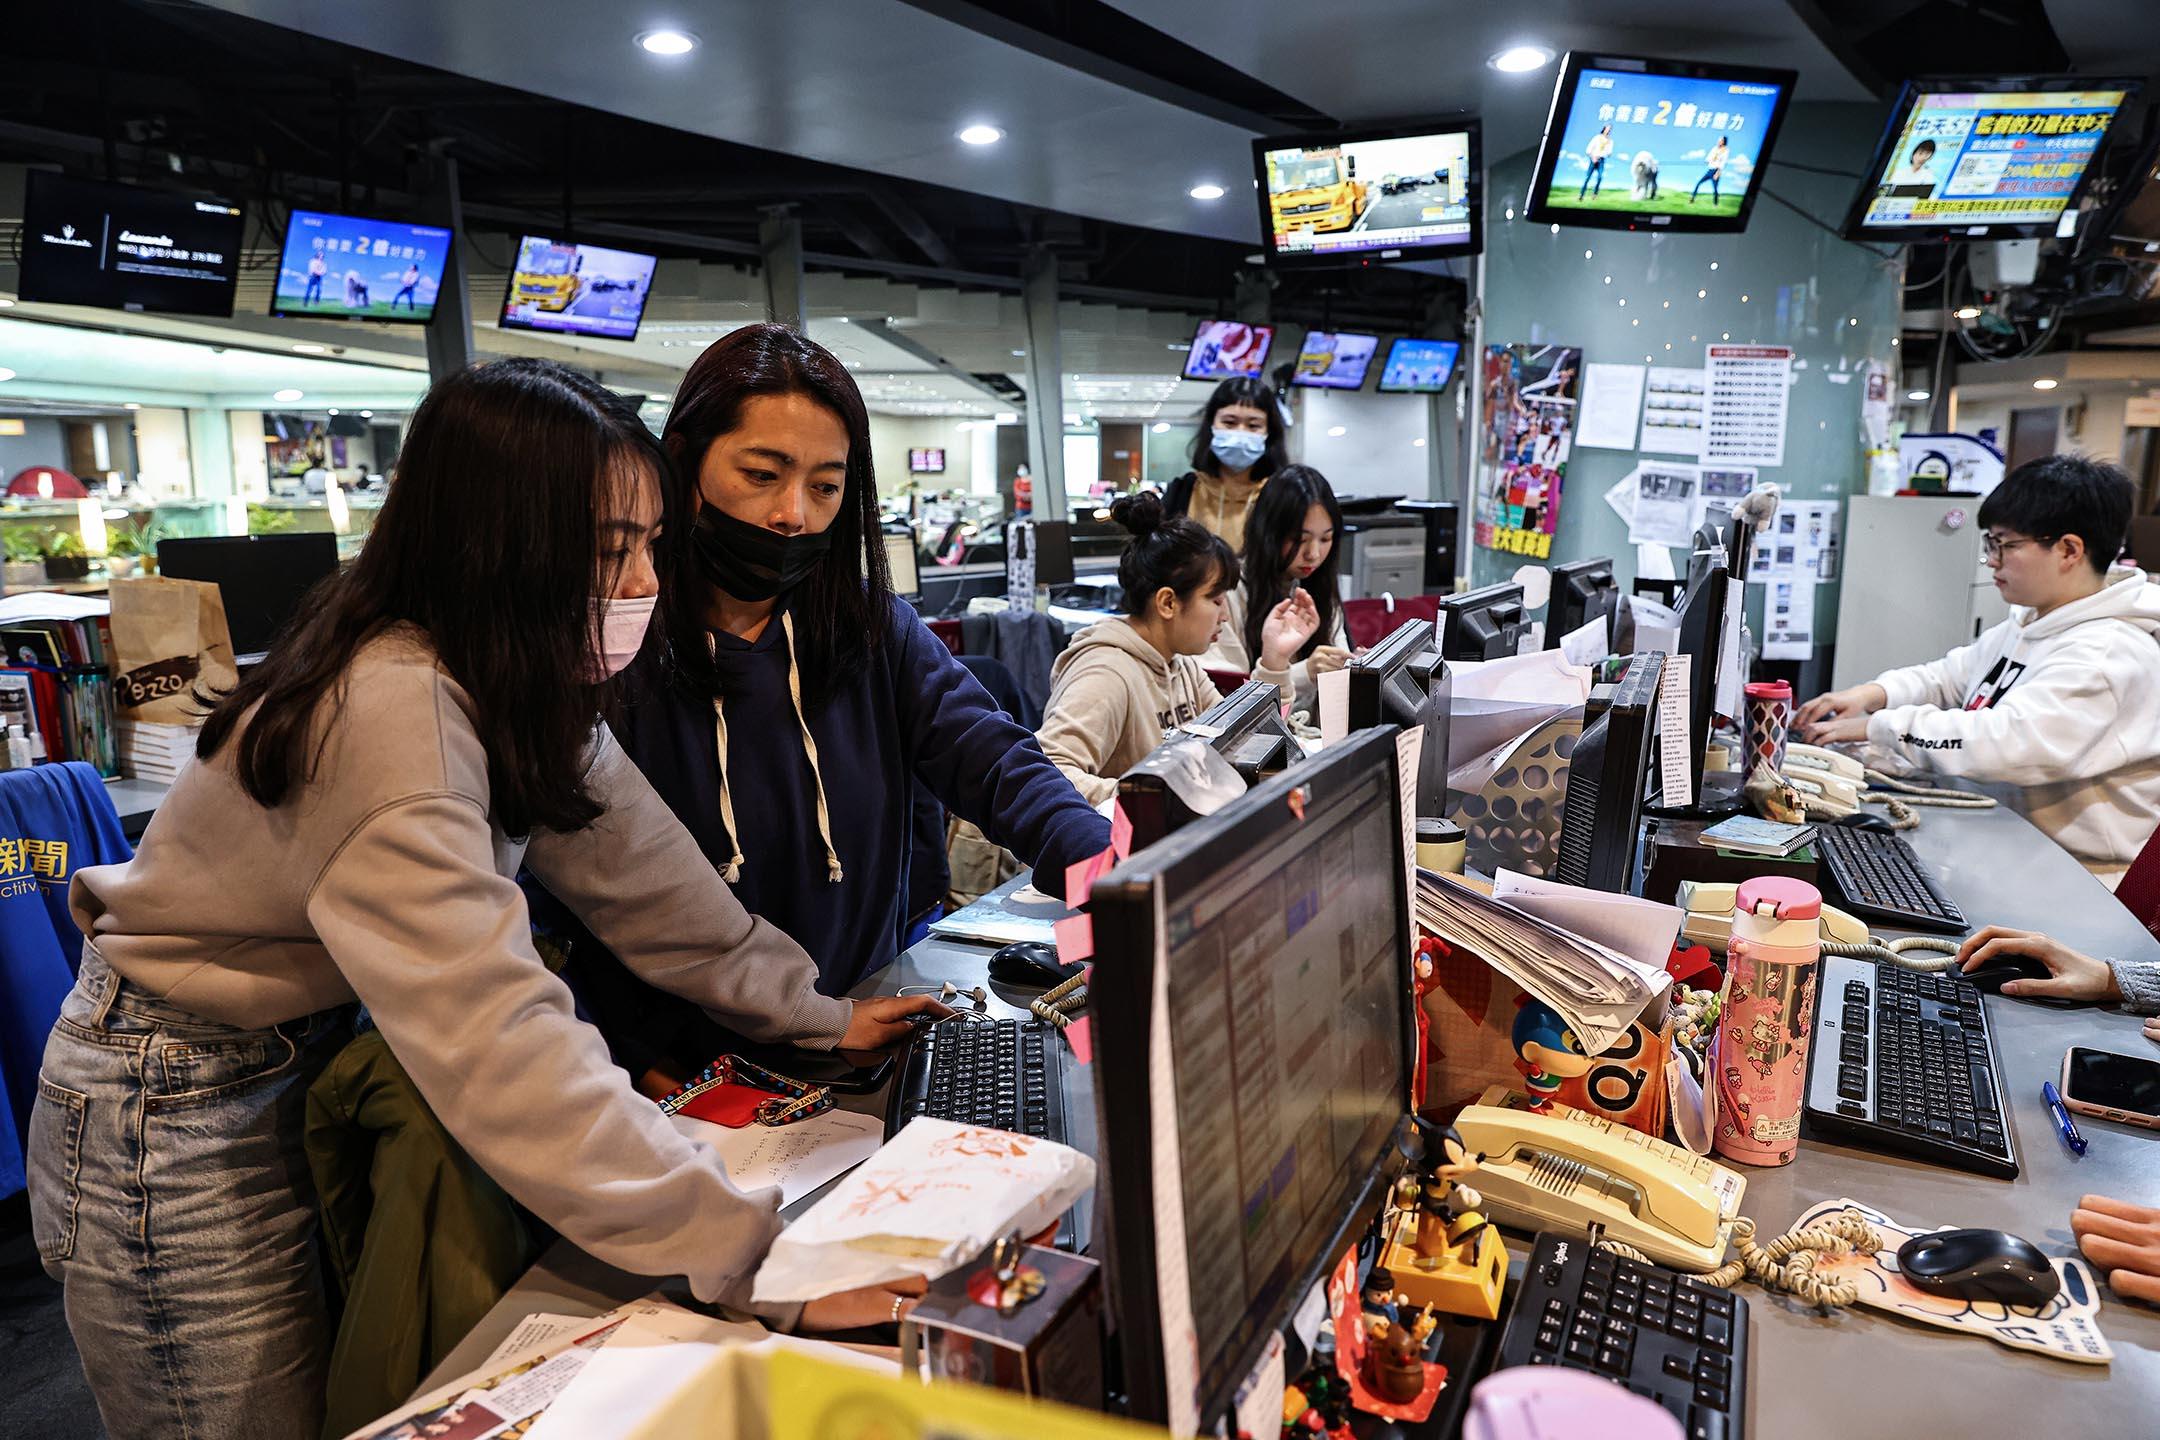 2020年12月10日台北,記者於中天電視台工作。 攝:Ann Wang/Reuters/達志影像